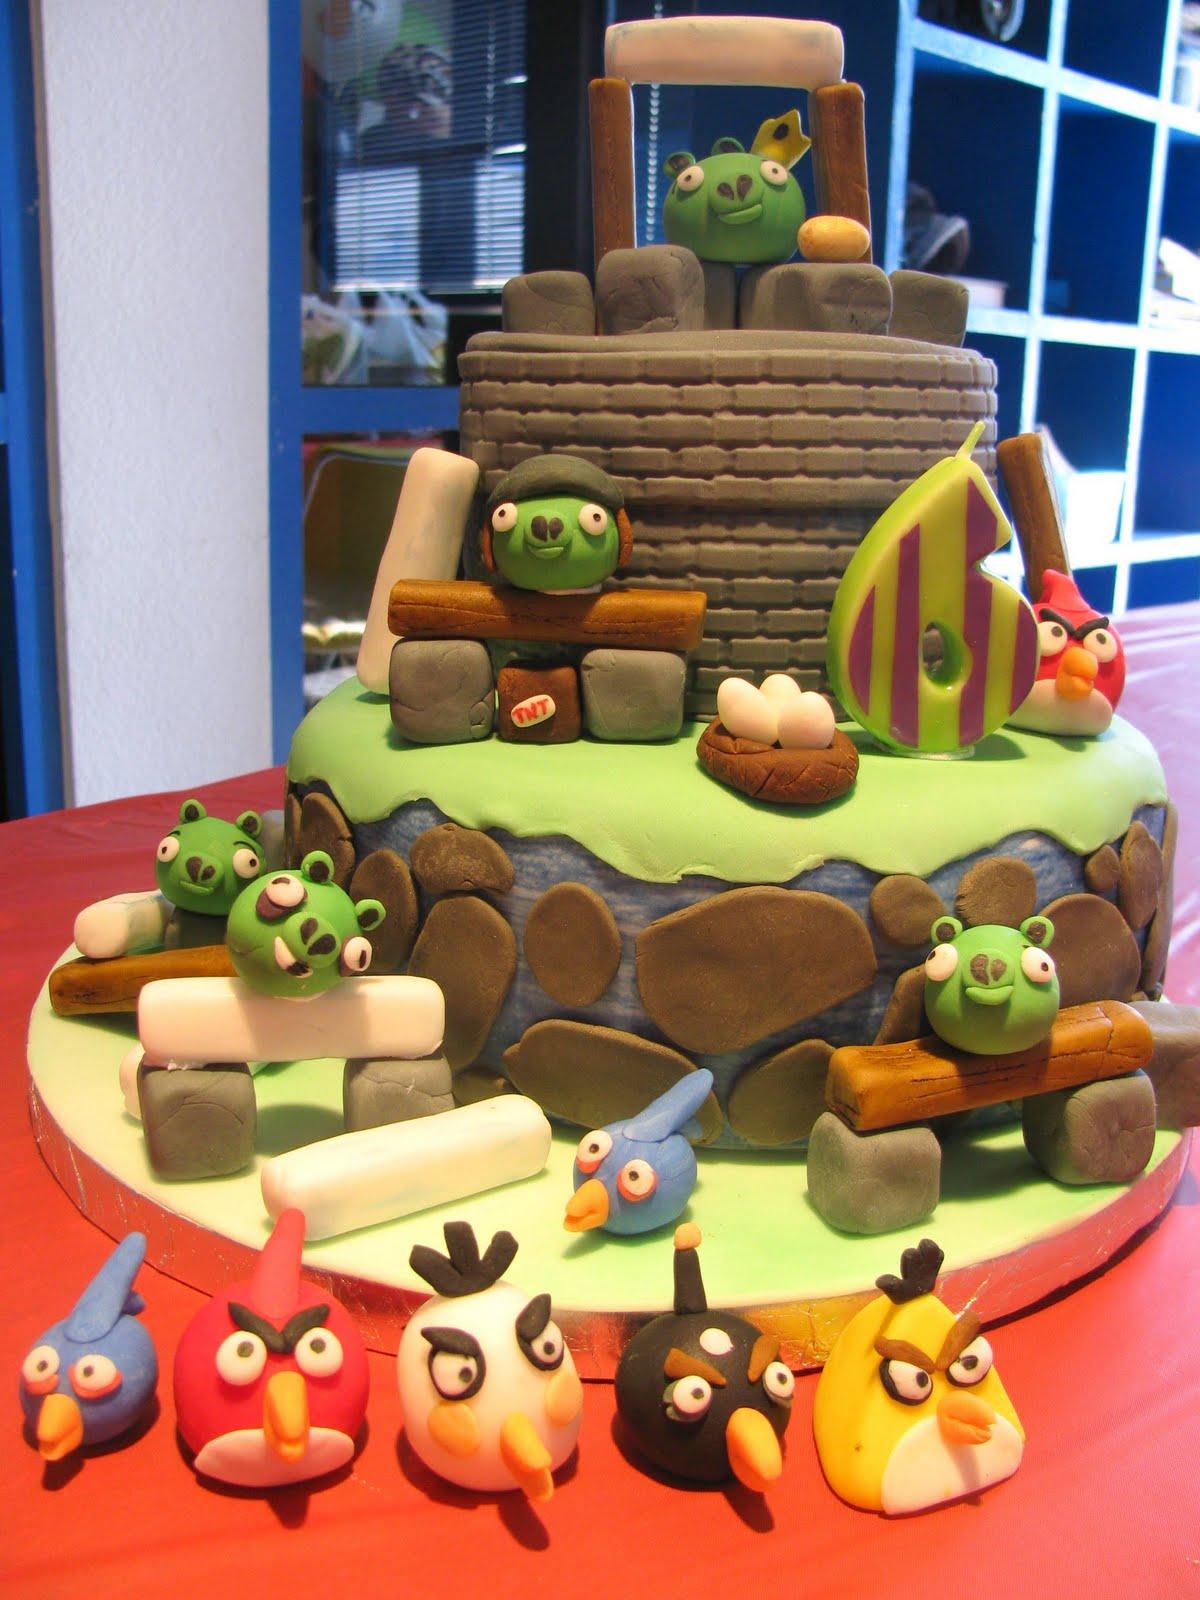 Cakes by Mahala